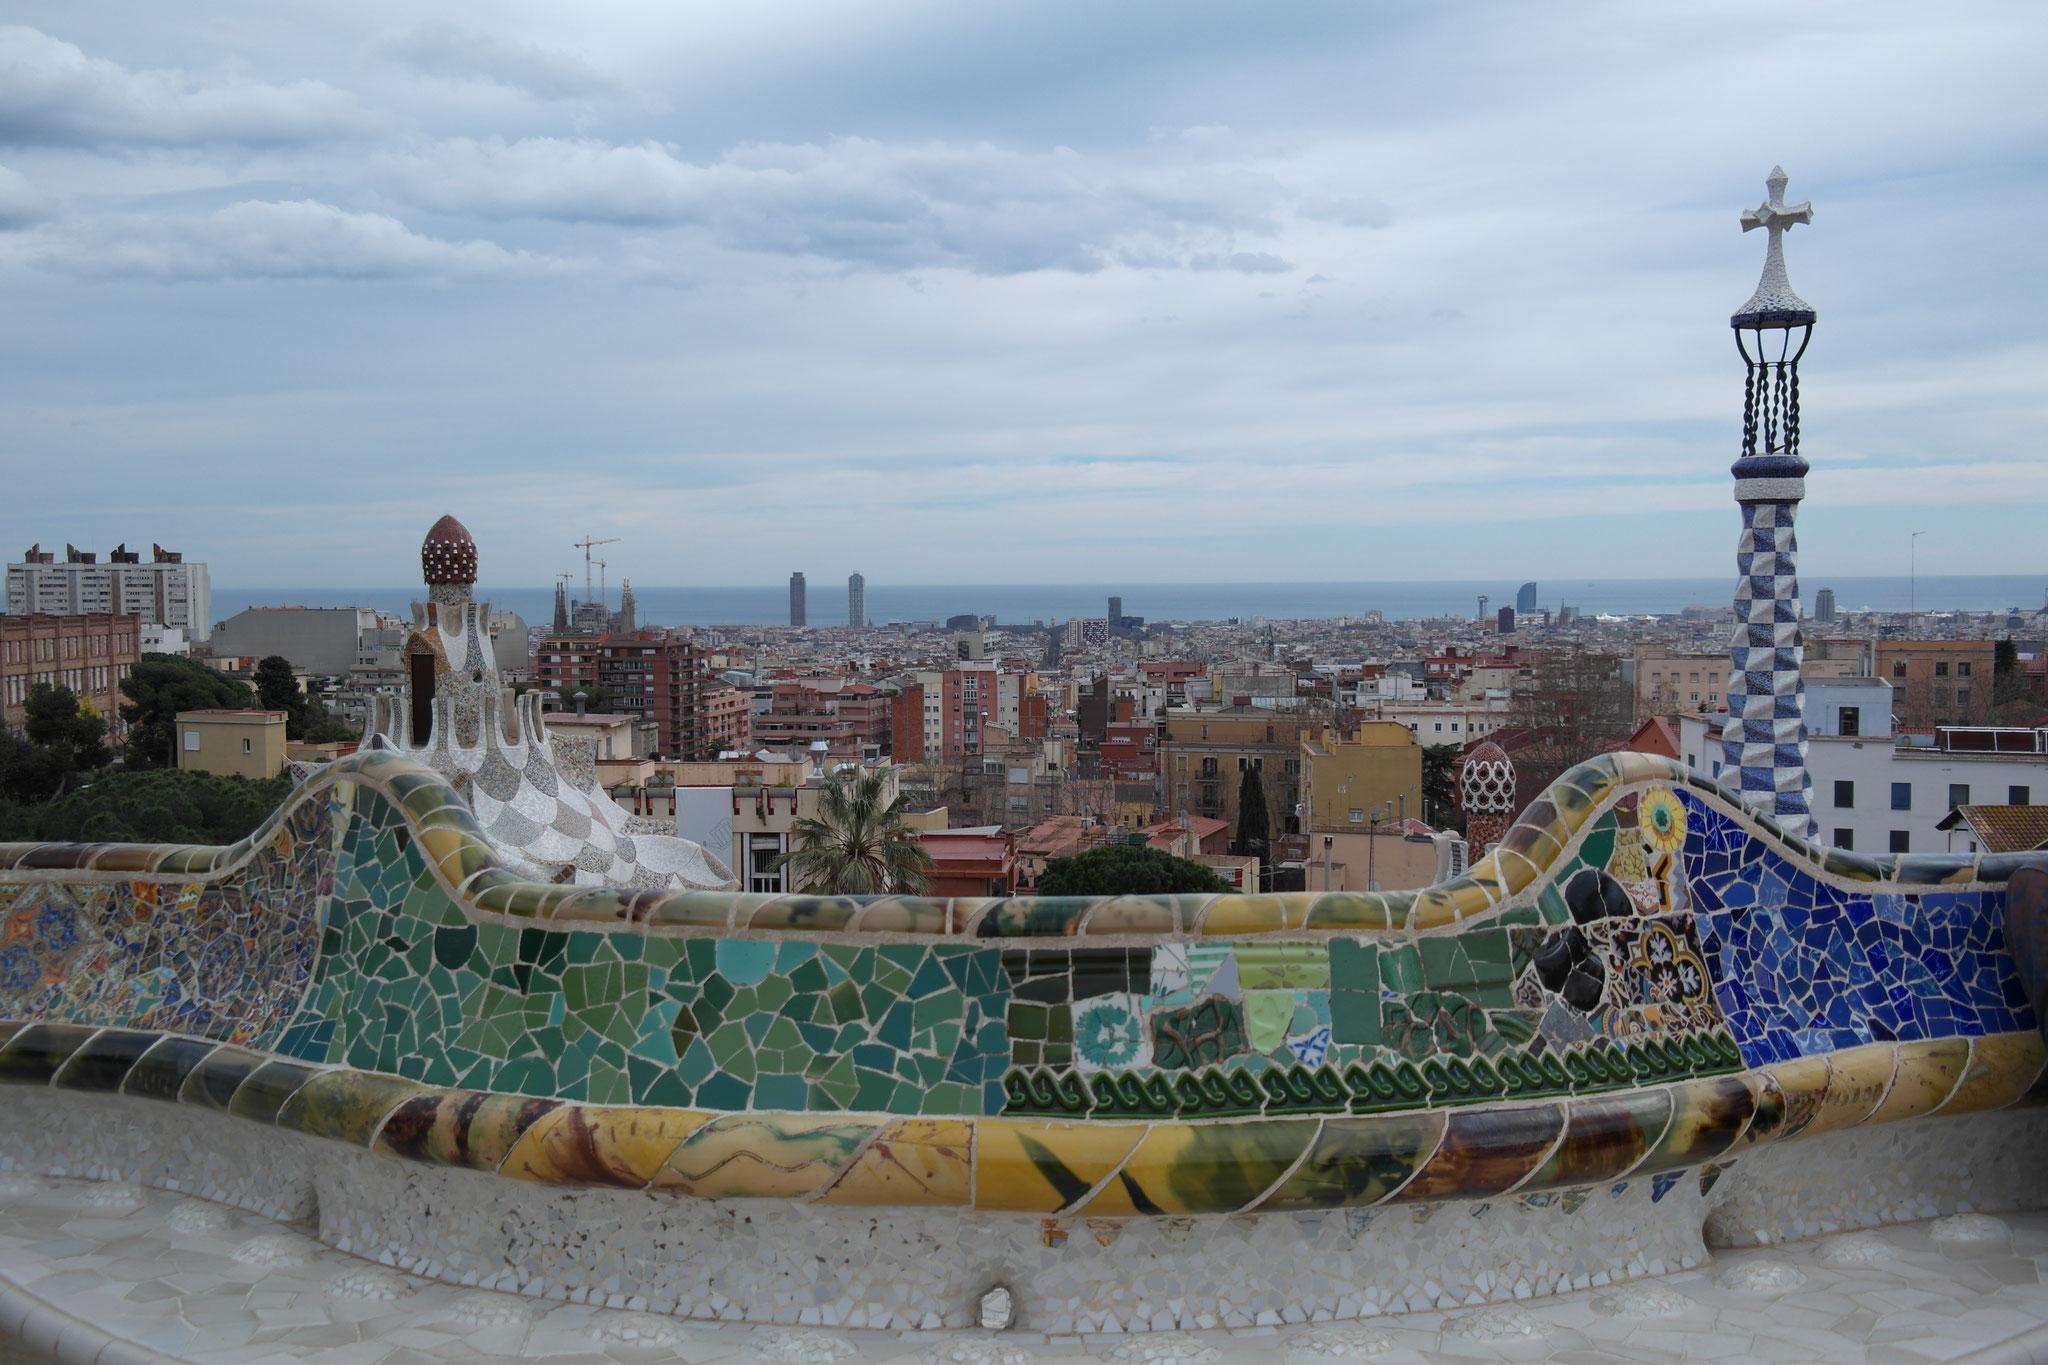 Die Mauer zählt mit den beiden Gebäuden dahinter zu den Top Sehenswürdigkeiten und Postkartenmotiven von Barcelona.